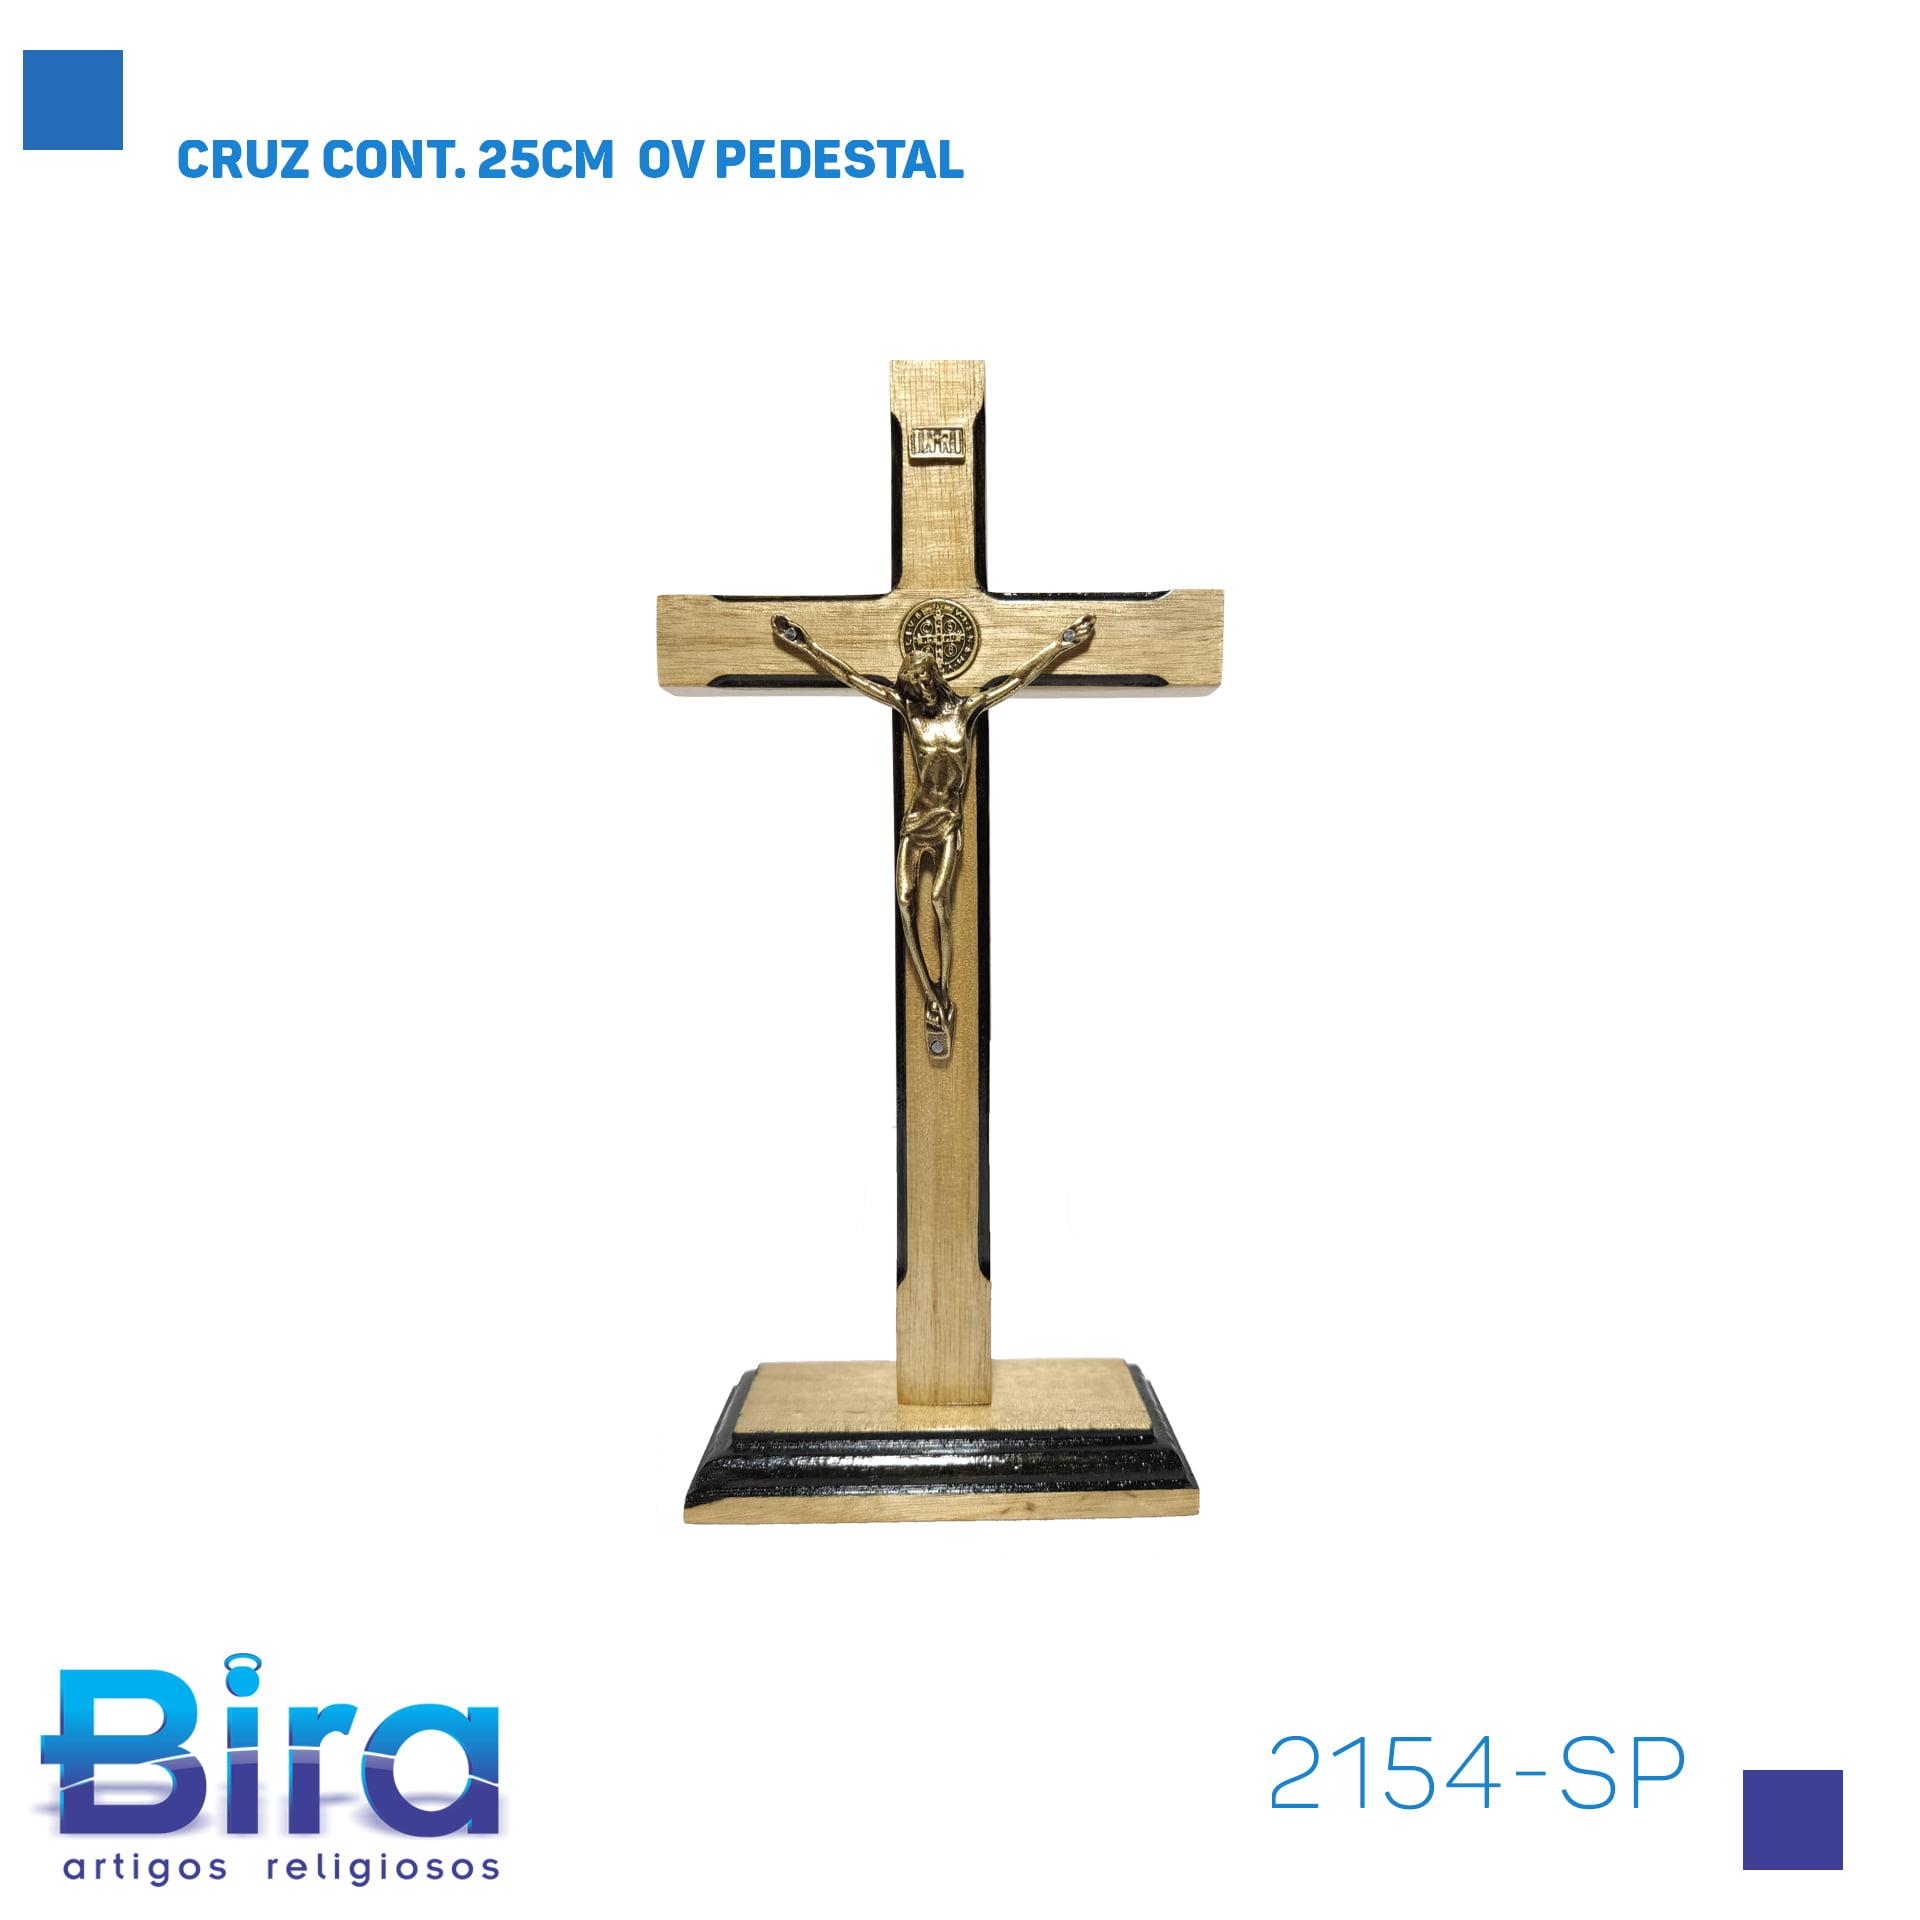 Bira Artigos Religiosos - CRUZ CONT. 25CM  OV PEDESTAL - Cód . 2154-SP